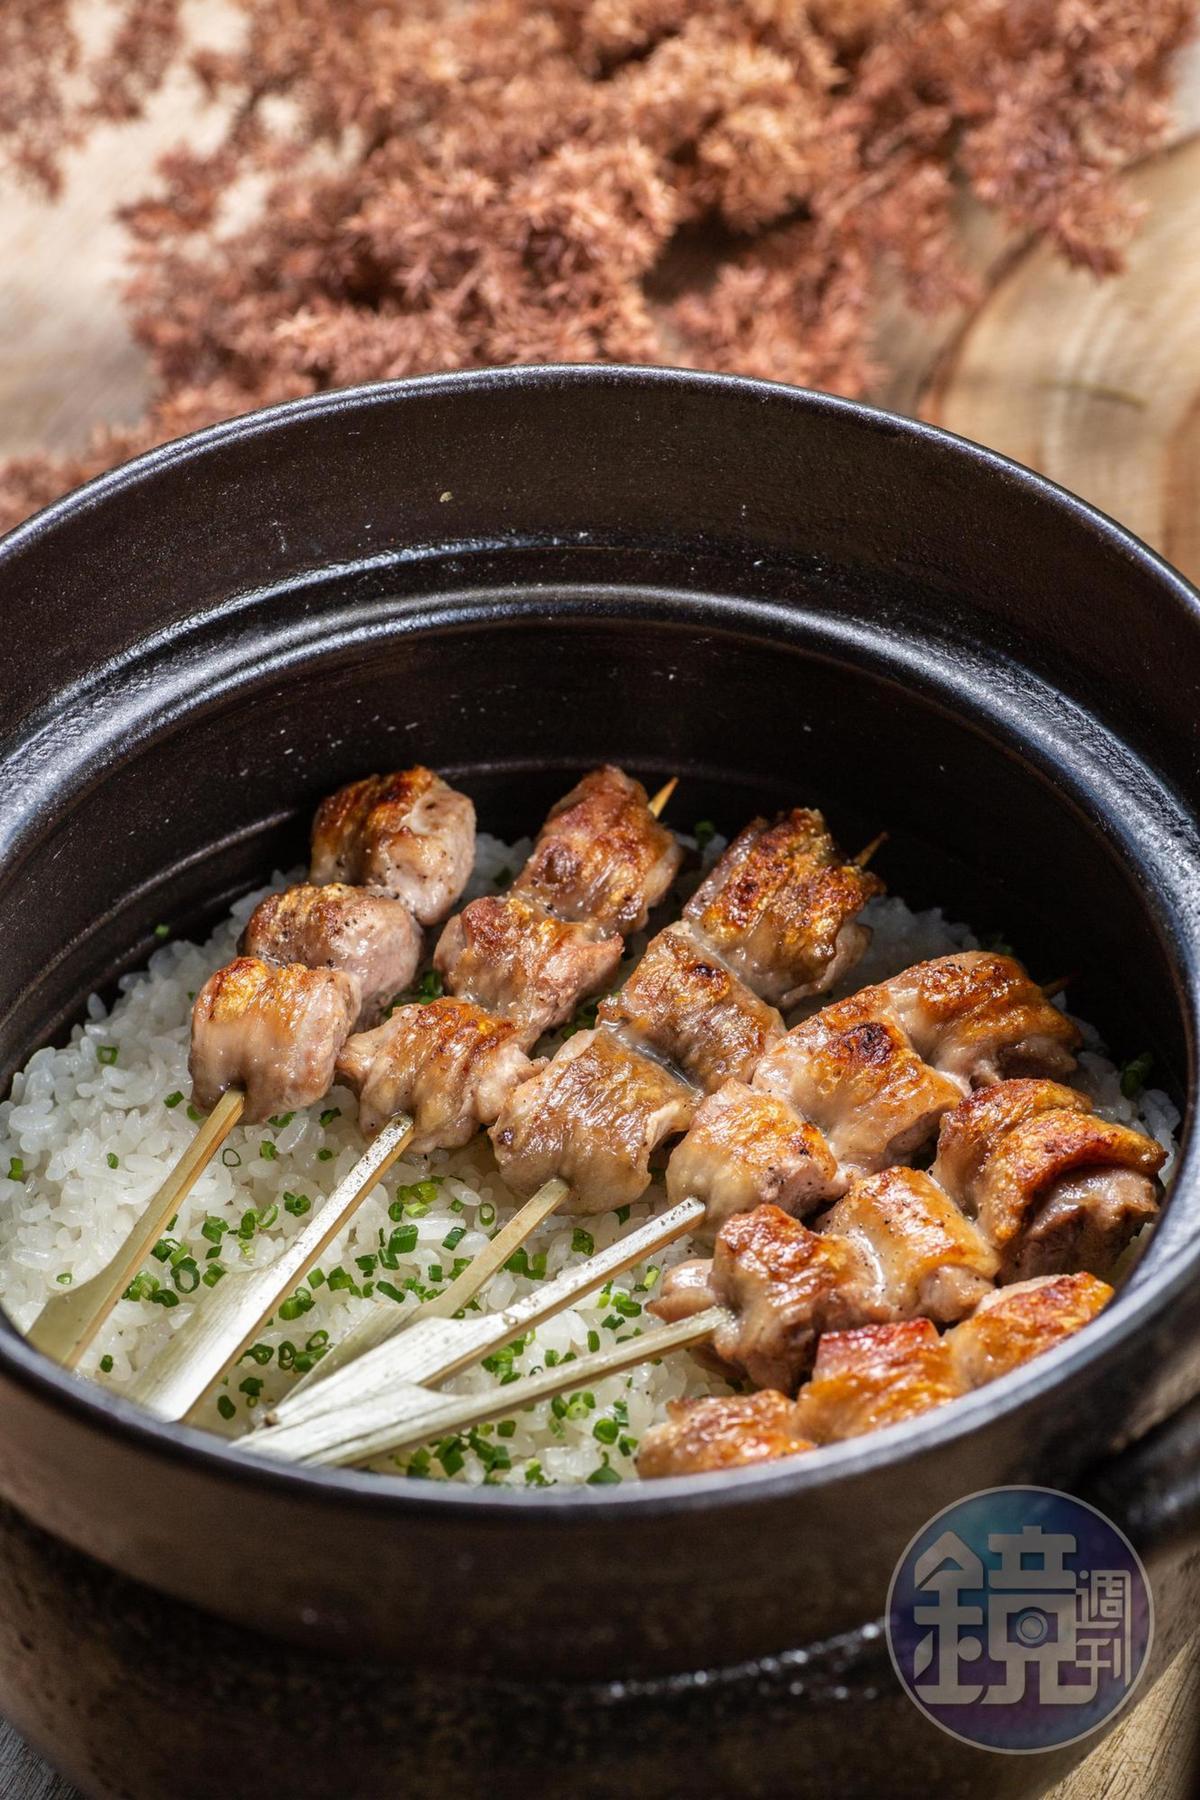 「鳥苑地雞燒」湯仲鴻的雞肉串燒和土鍋飯。